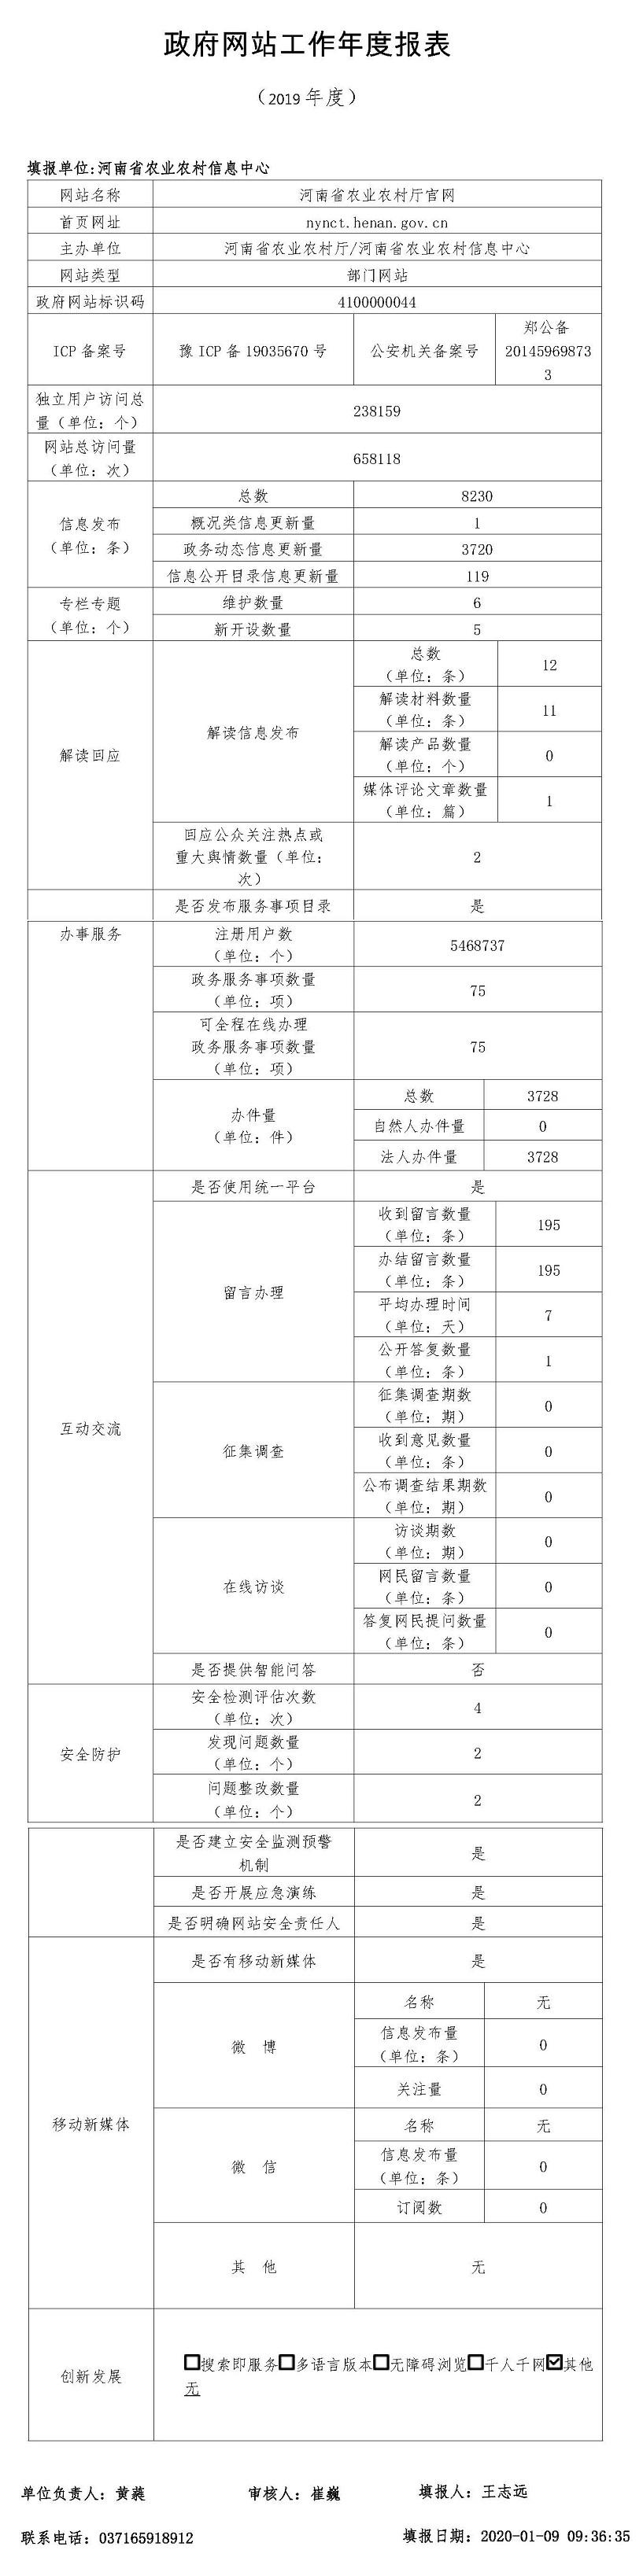 2019年河南省农业农村厅政府网站年度工作报表.jpg